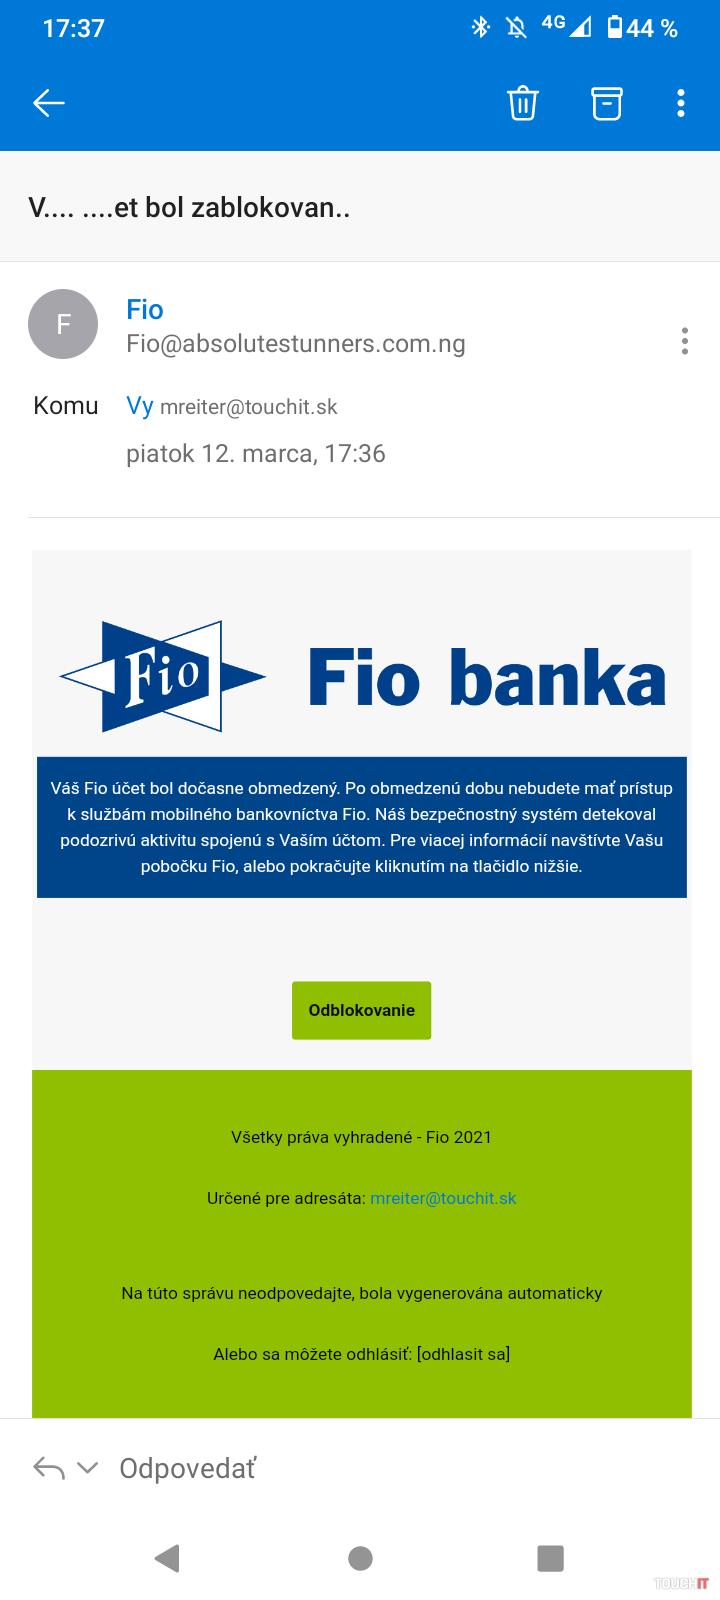 Email tváraci sa ako Fio banka.